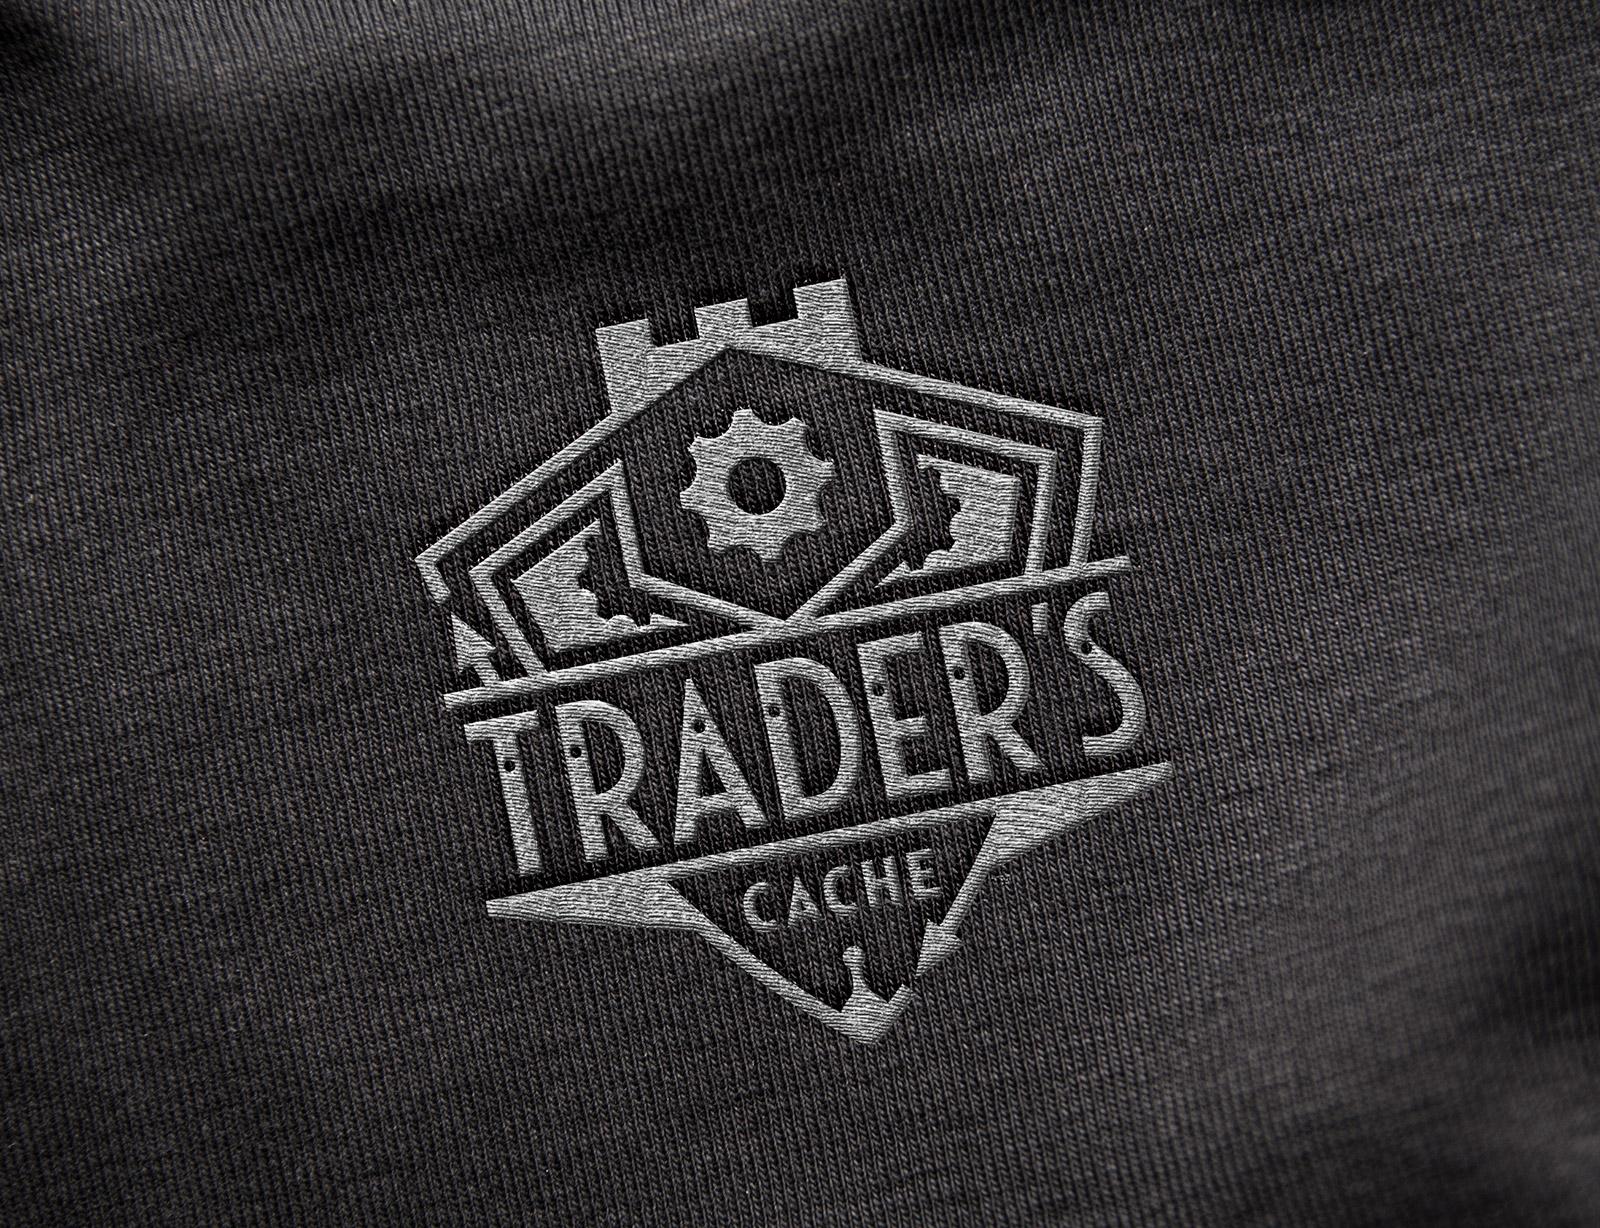 18 brand traderscache4